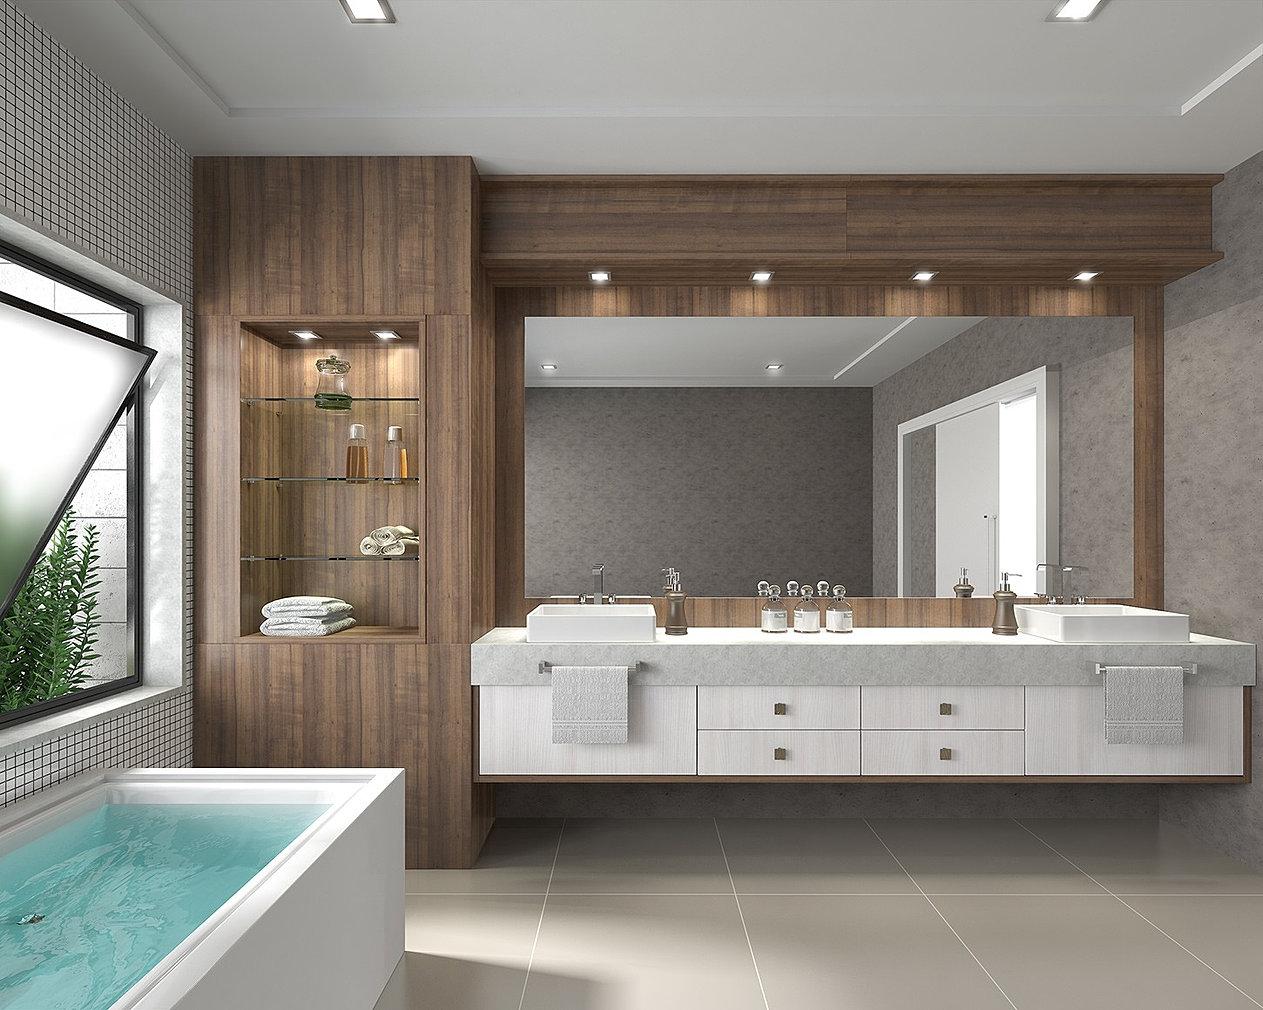 ambiente banheiro 3 33 #4B807E 1263 1010